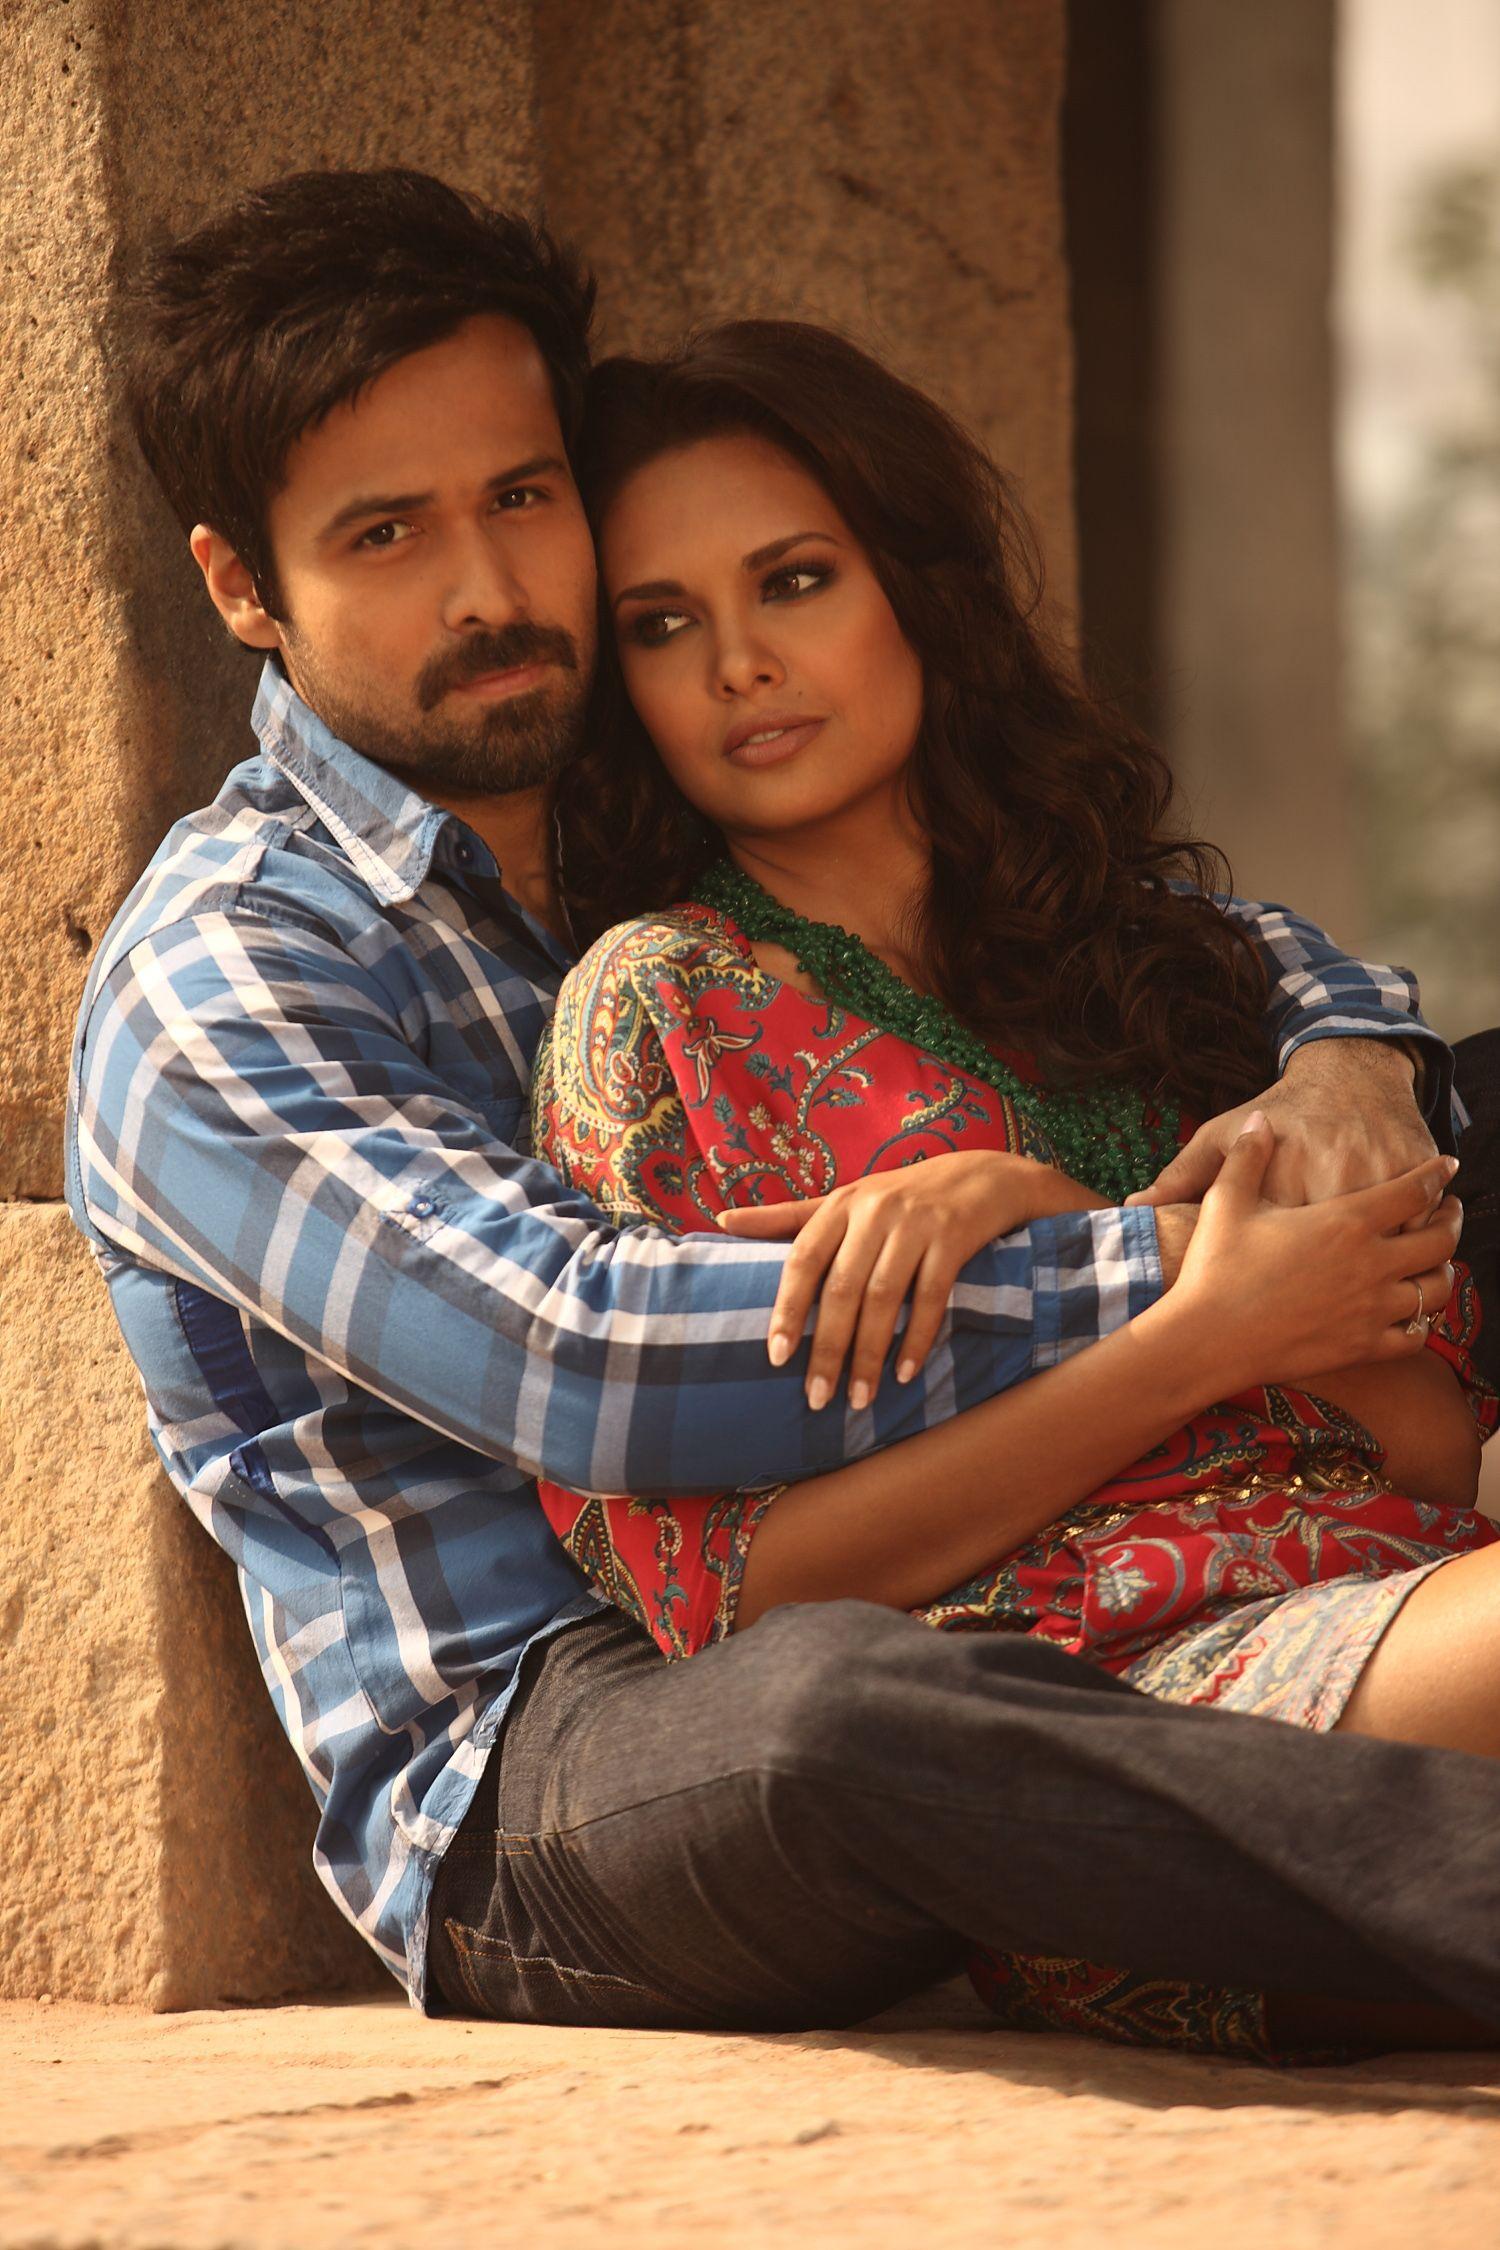 Emraan Hashmi and Esha Gupta in Jannat 2